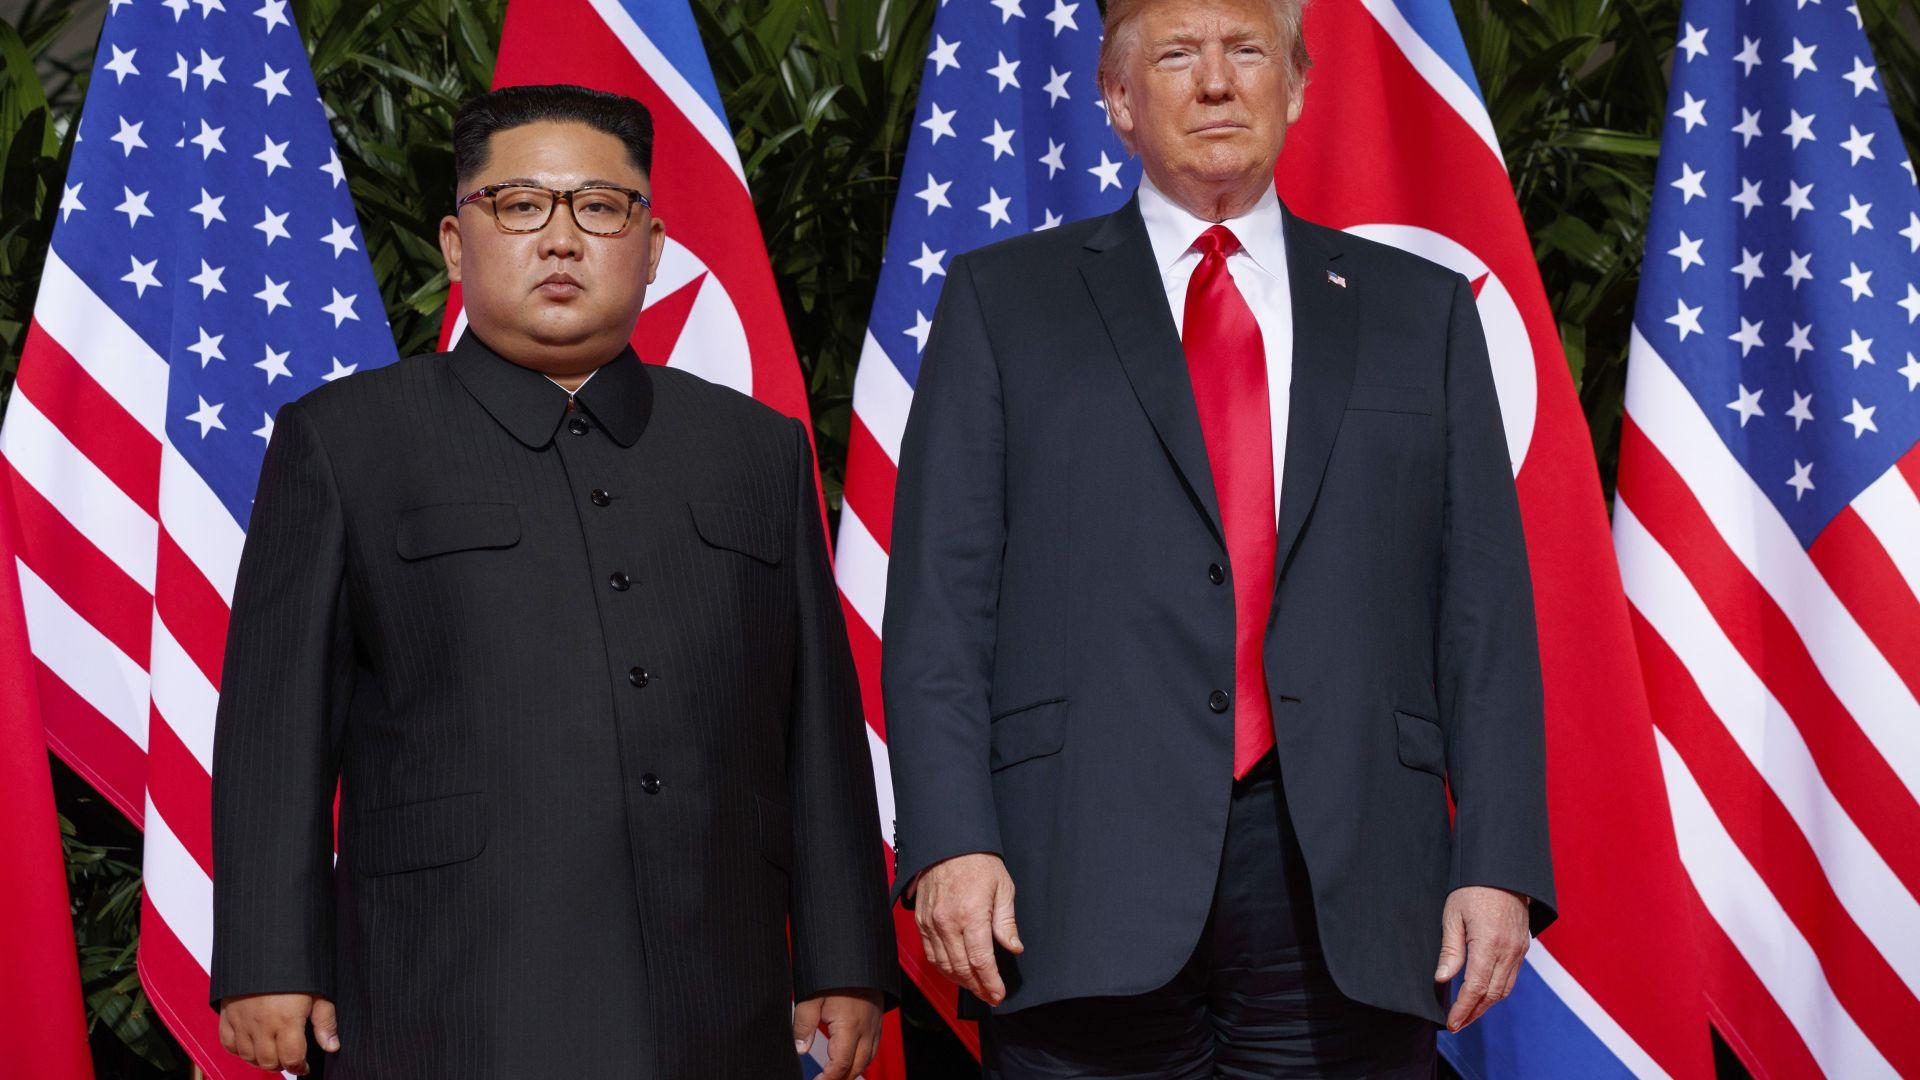 КНДР обяви край на мораториума за ядрената програма, Тръмп има доверие на Ким